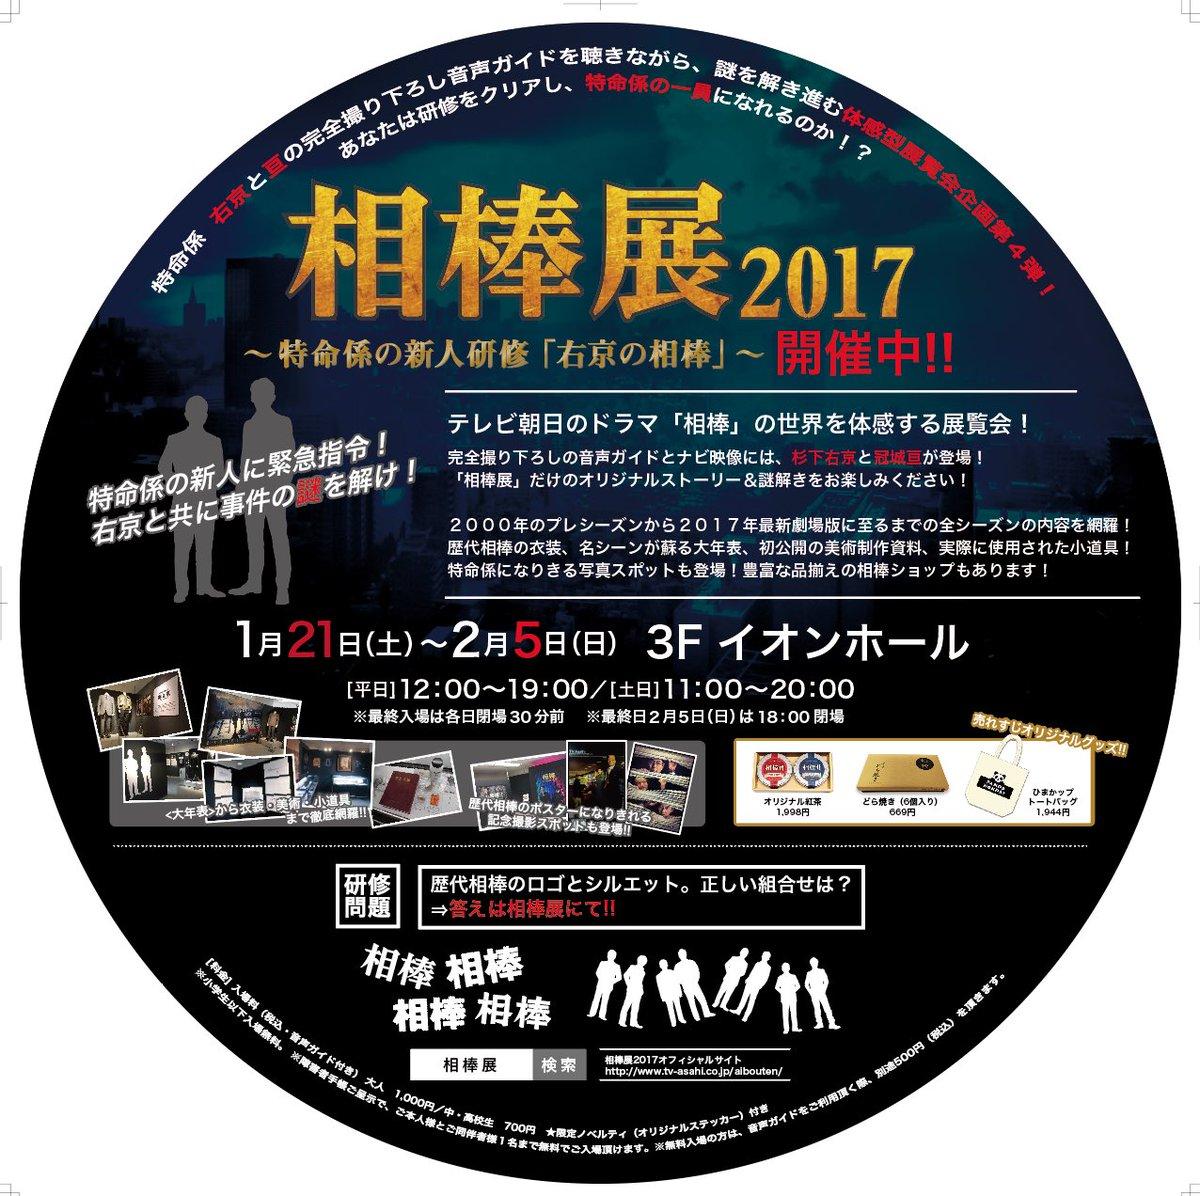 相棒展2017全国巡回第一弾は福岡・イオンモール筑紫野!明日1月21日(土)からいよいよ開催!歴代シ…